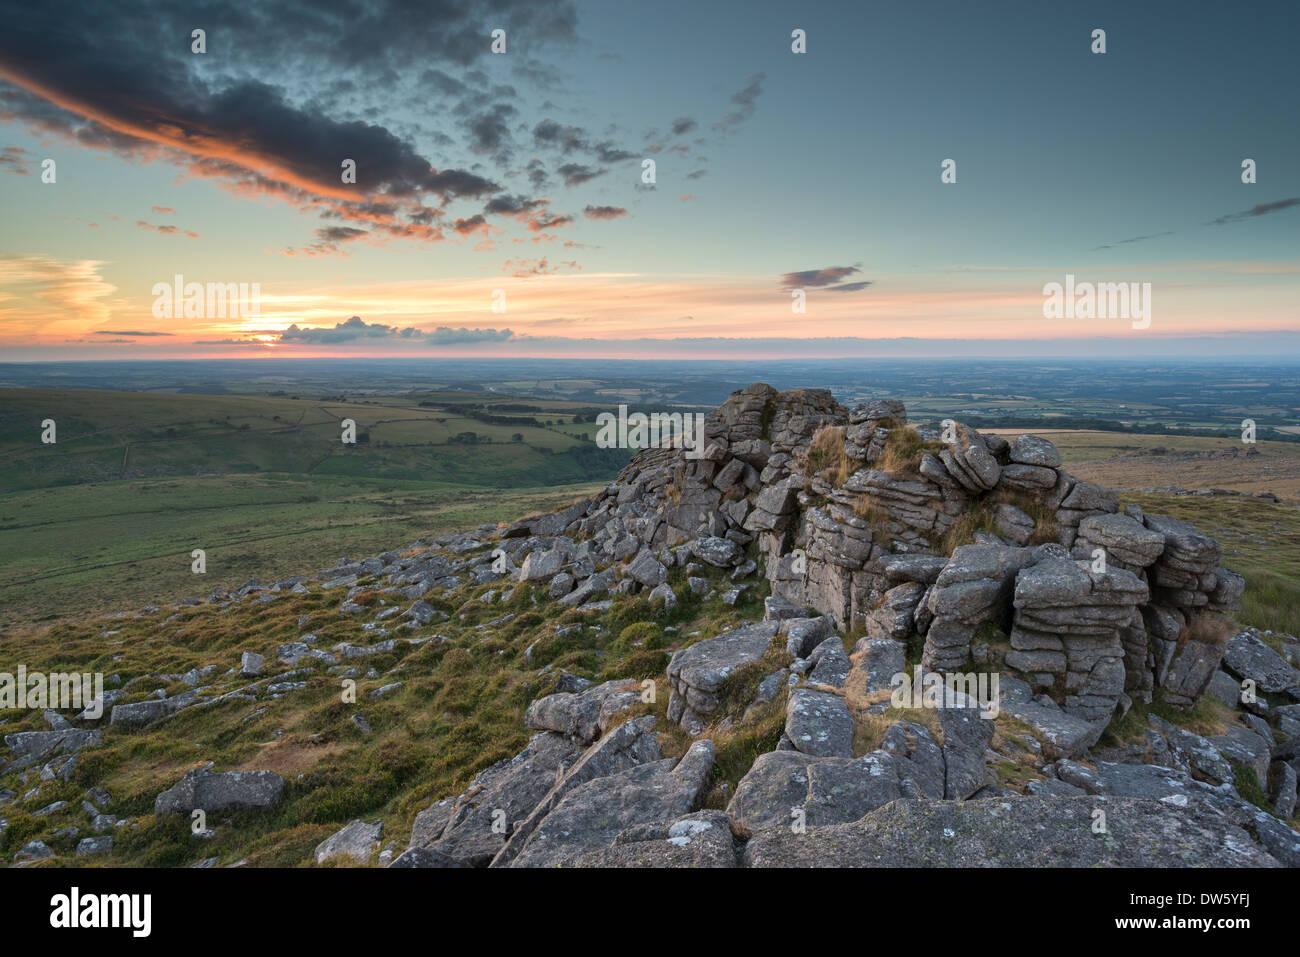 Atardecer de verano en el Parque Nacional Dartmoor, Devon, Inglaterra. Verano (julio de 2013). Imagen De Stock